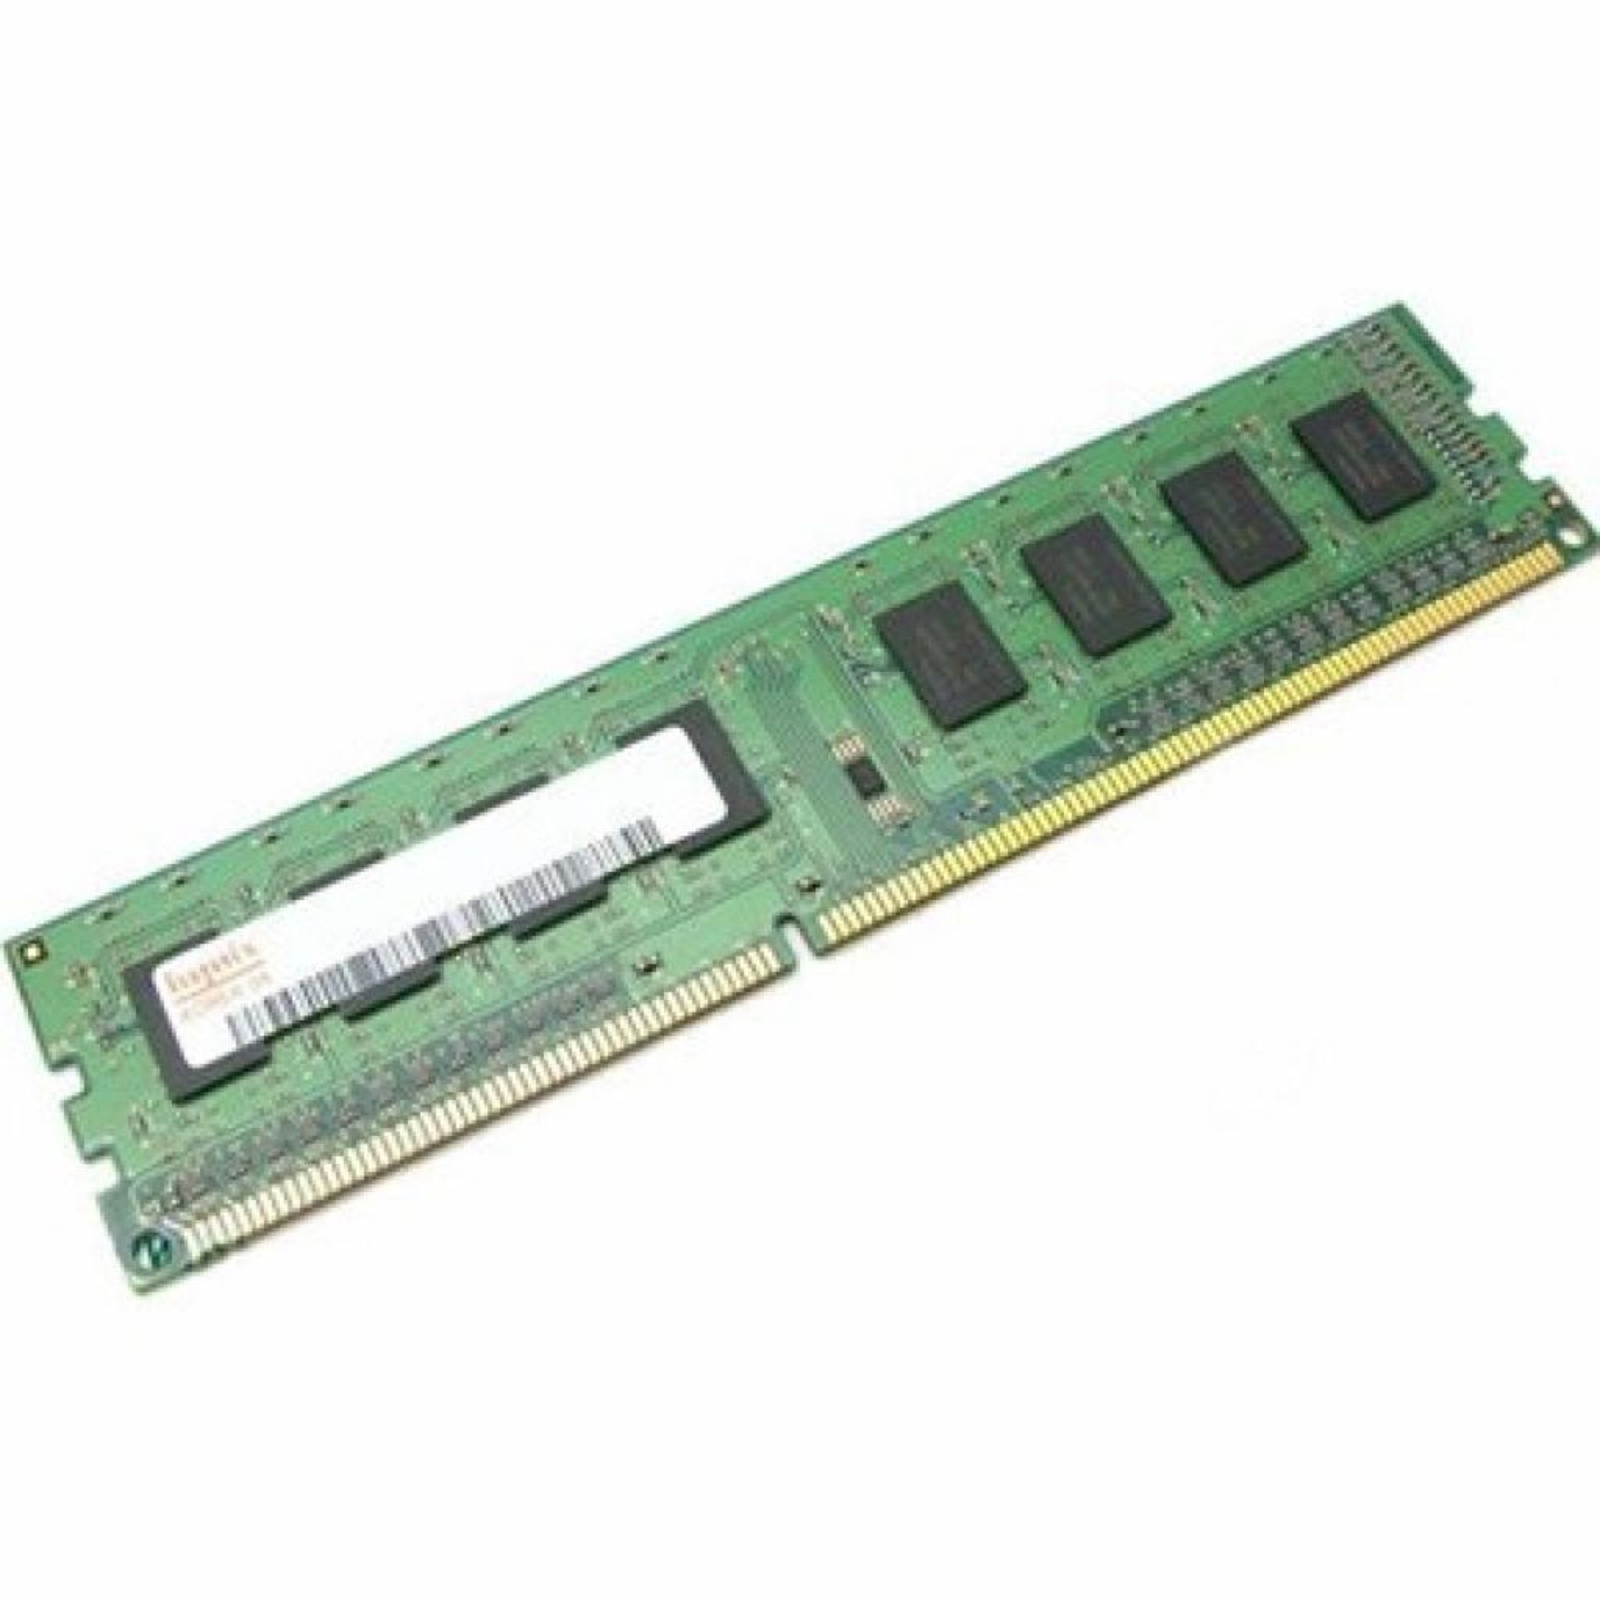 Модуль памяти для компьютера DDR3 4GB 1600 MHz Hynix (HMT351U6CFR8C-PBN0 / HMT451U6MFR8C-PB N0)